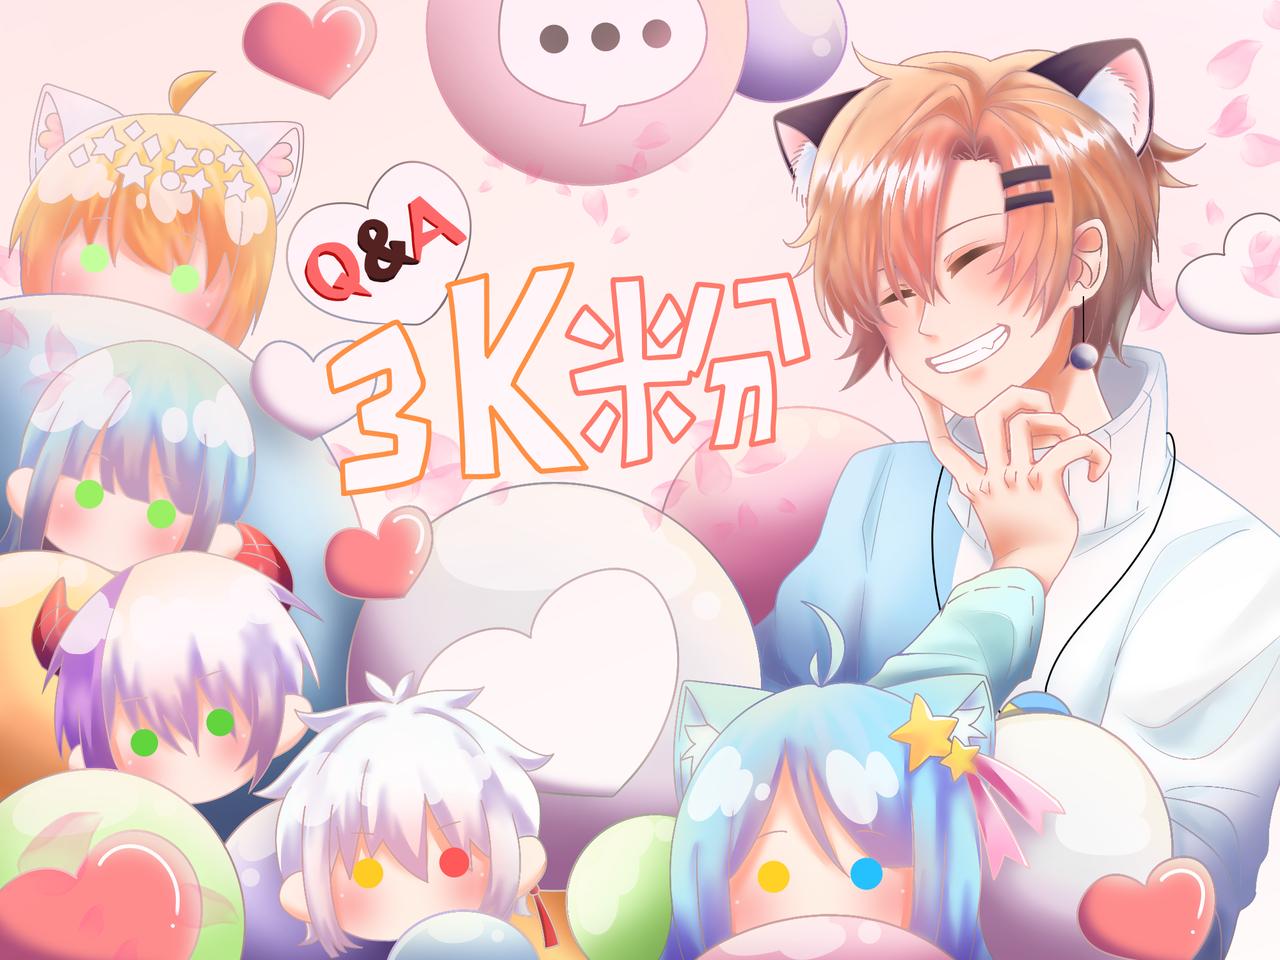 祝賀抖音3k